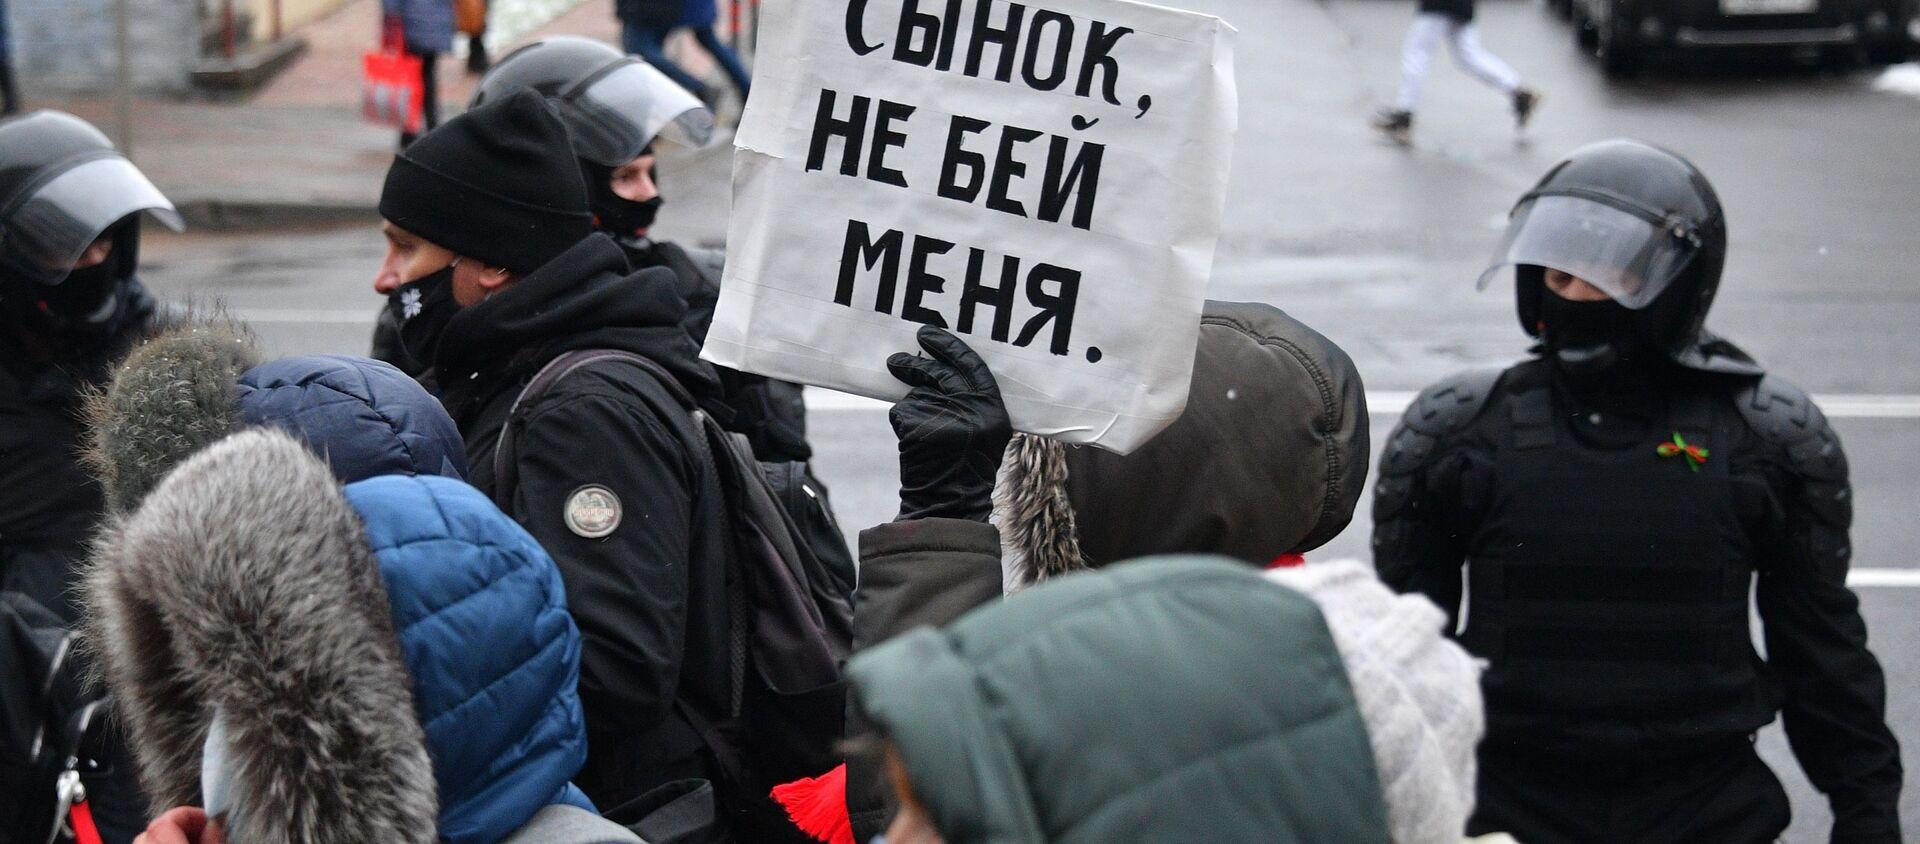 Protesty opozycji w Mińsku - Sputnik Polska, 1920, 27.03.2021